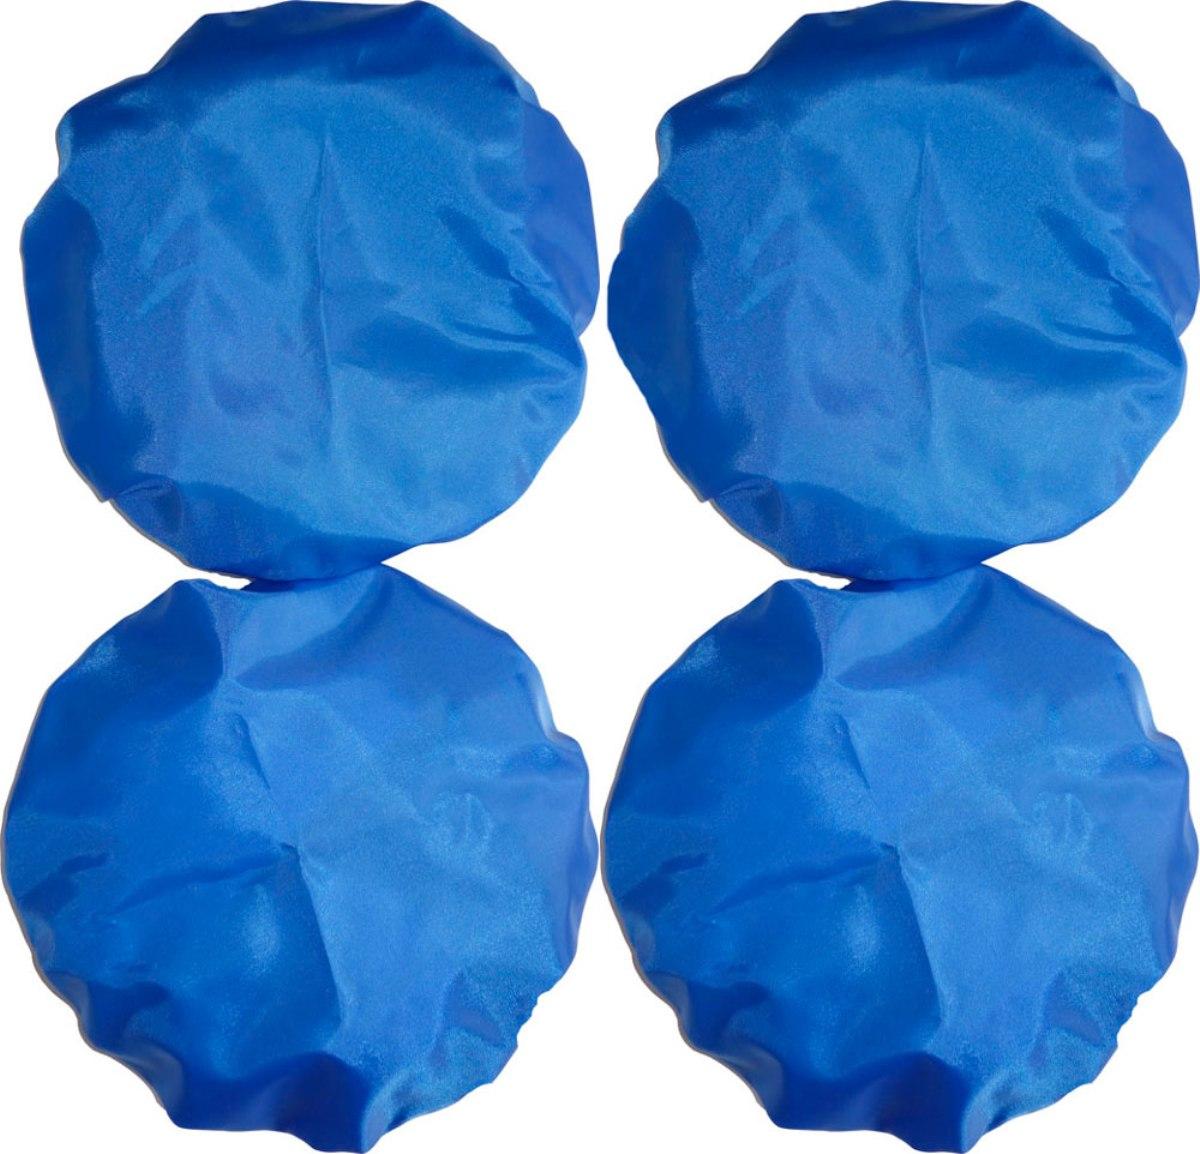 Чудо-Чадо Чехлы на колеса для коляски диаметр 28-38 см цвет синий 4 шт -  Коляски и аксессуары